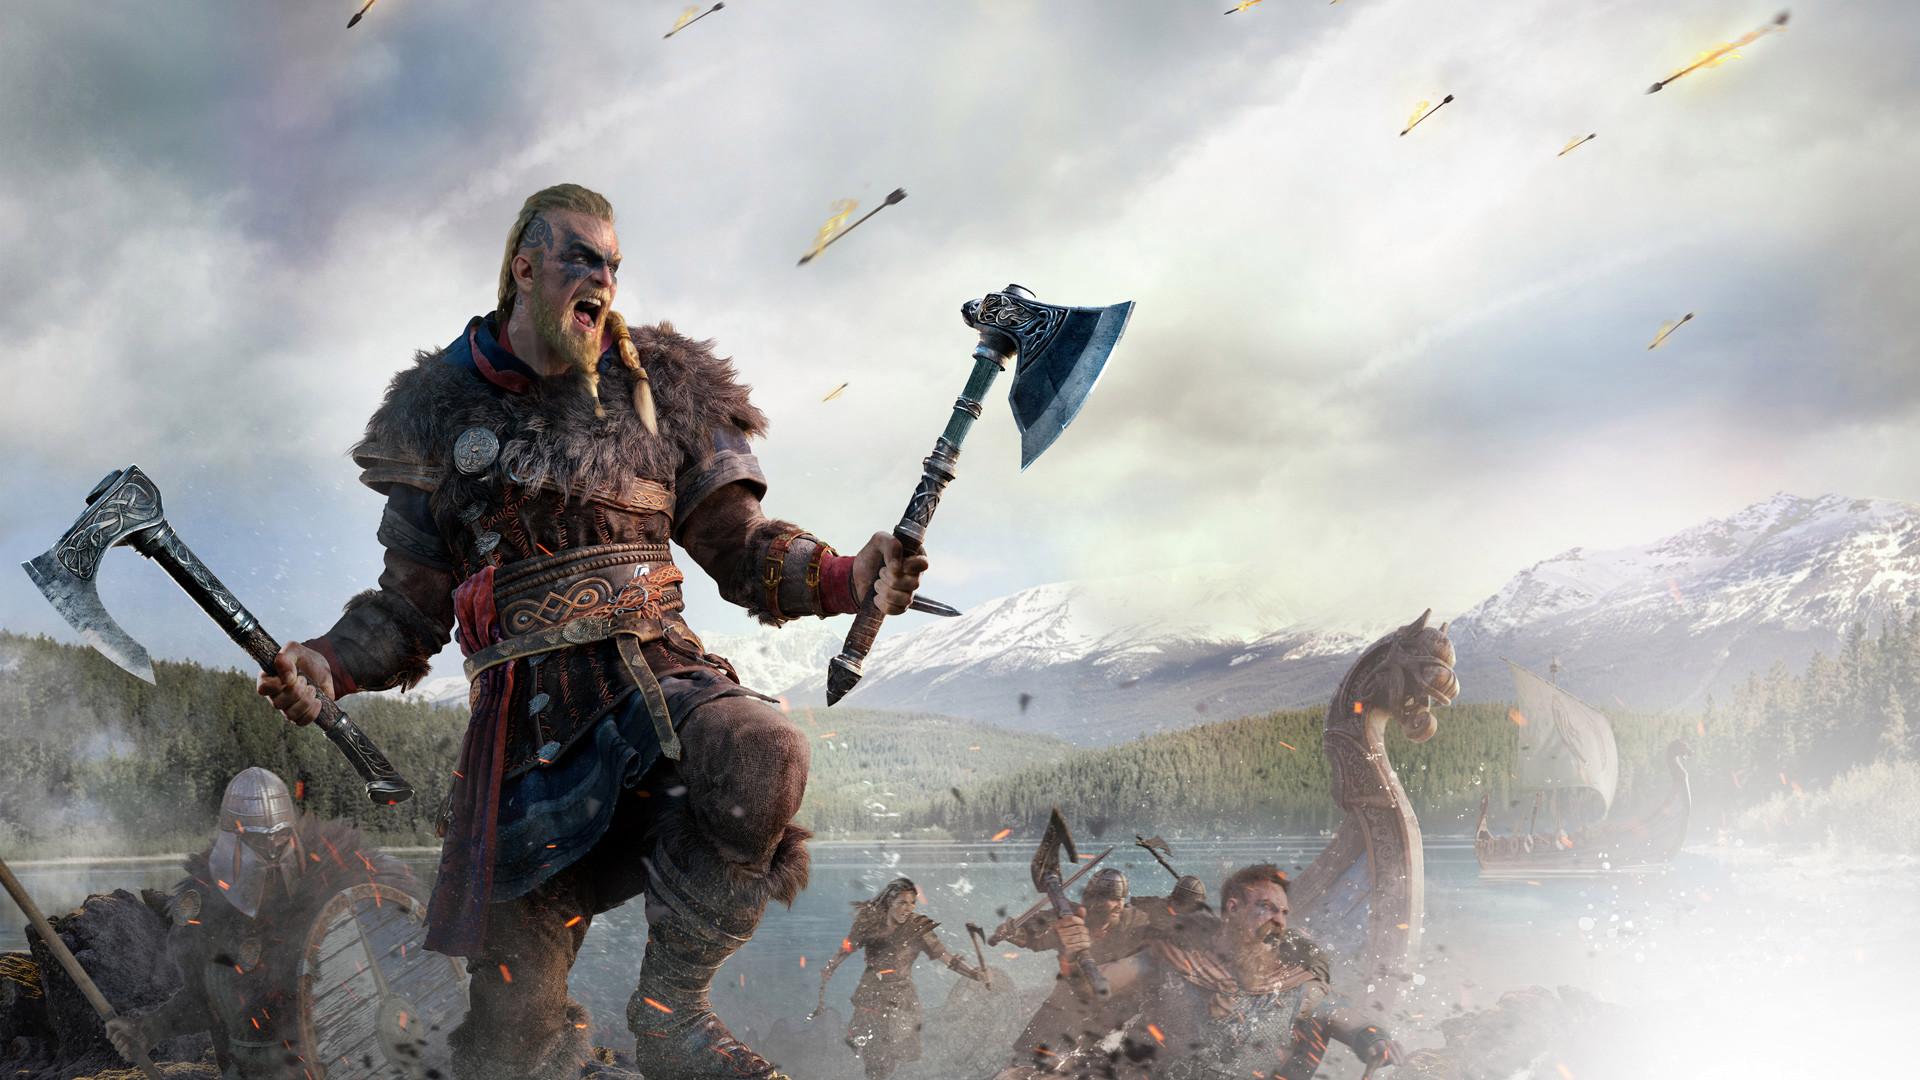 AMD Assassin's Creed Valhalla